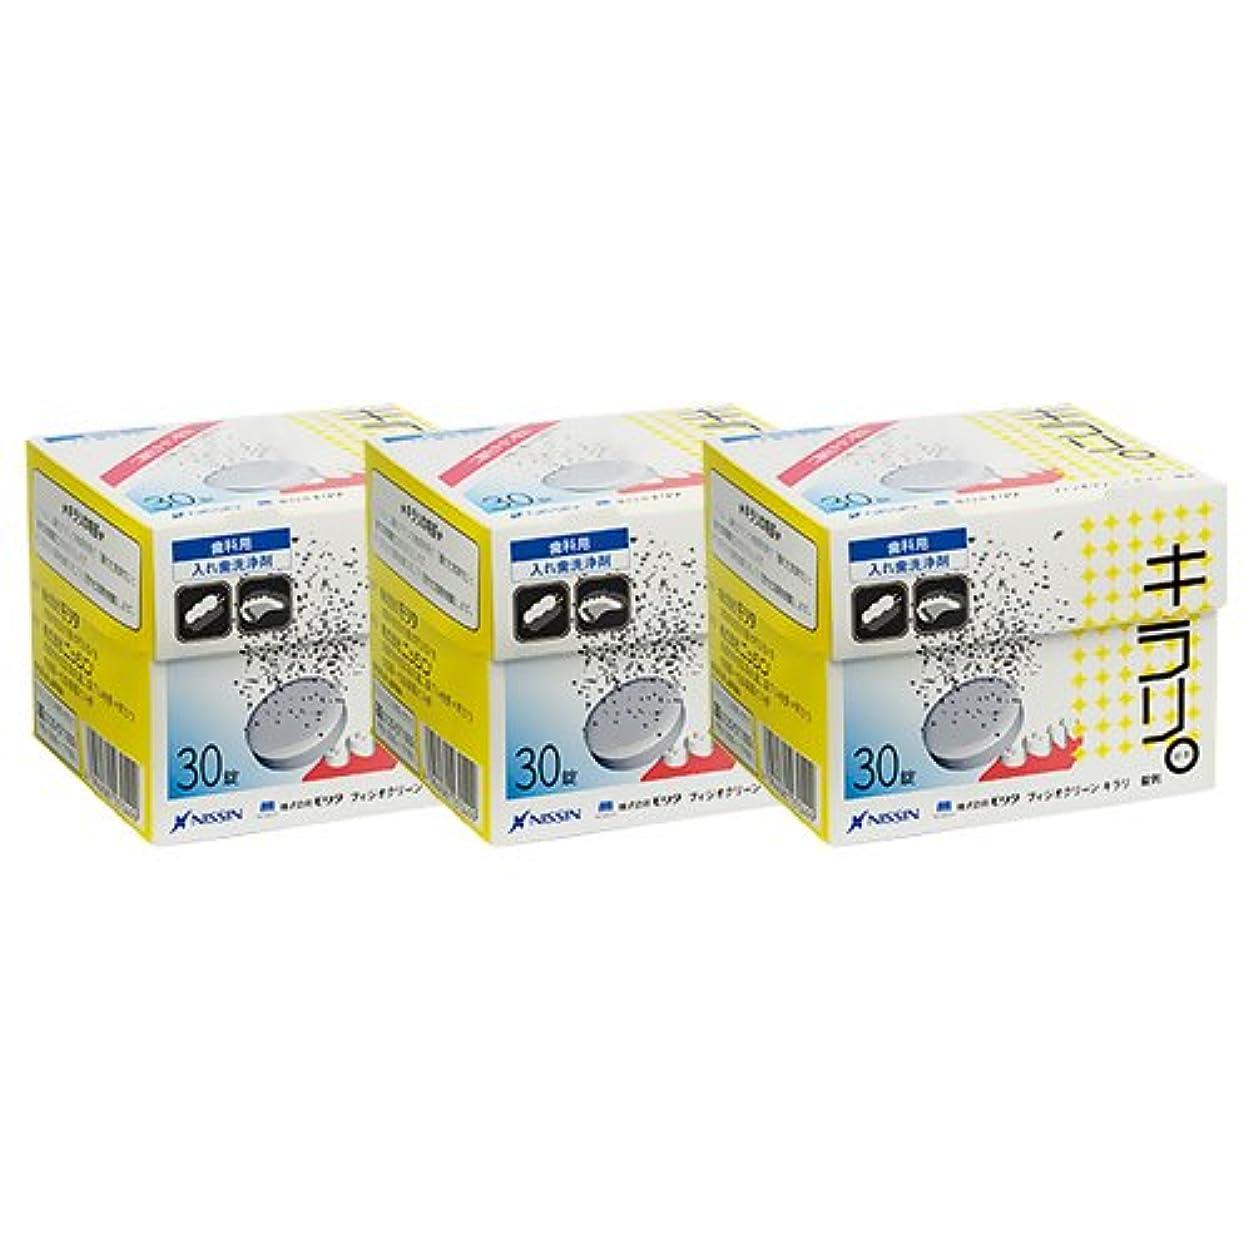 キャンベラパラダイスと組むニッシン フィジオクリーン キラリ錠剤 30錠入×3箱